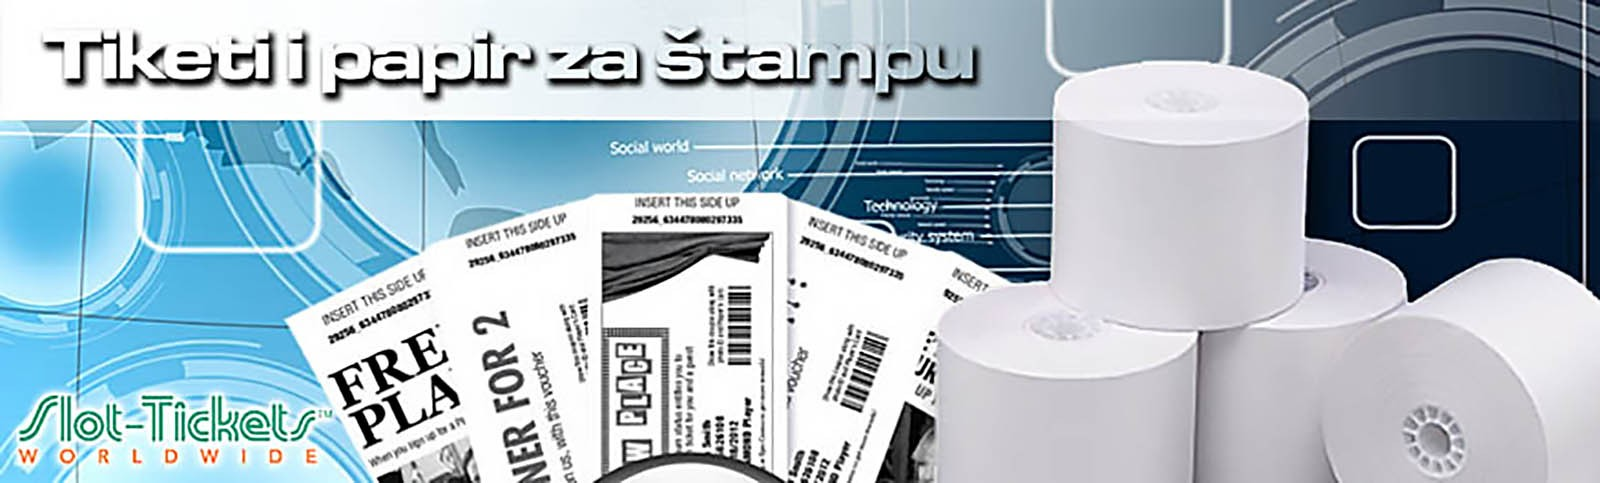 Tiketi i papir za štampu